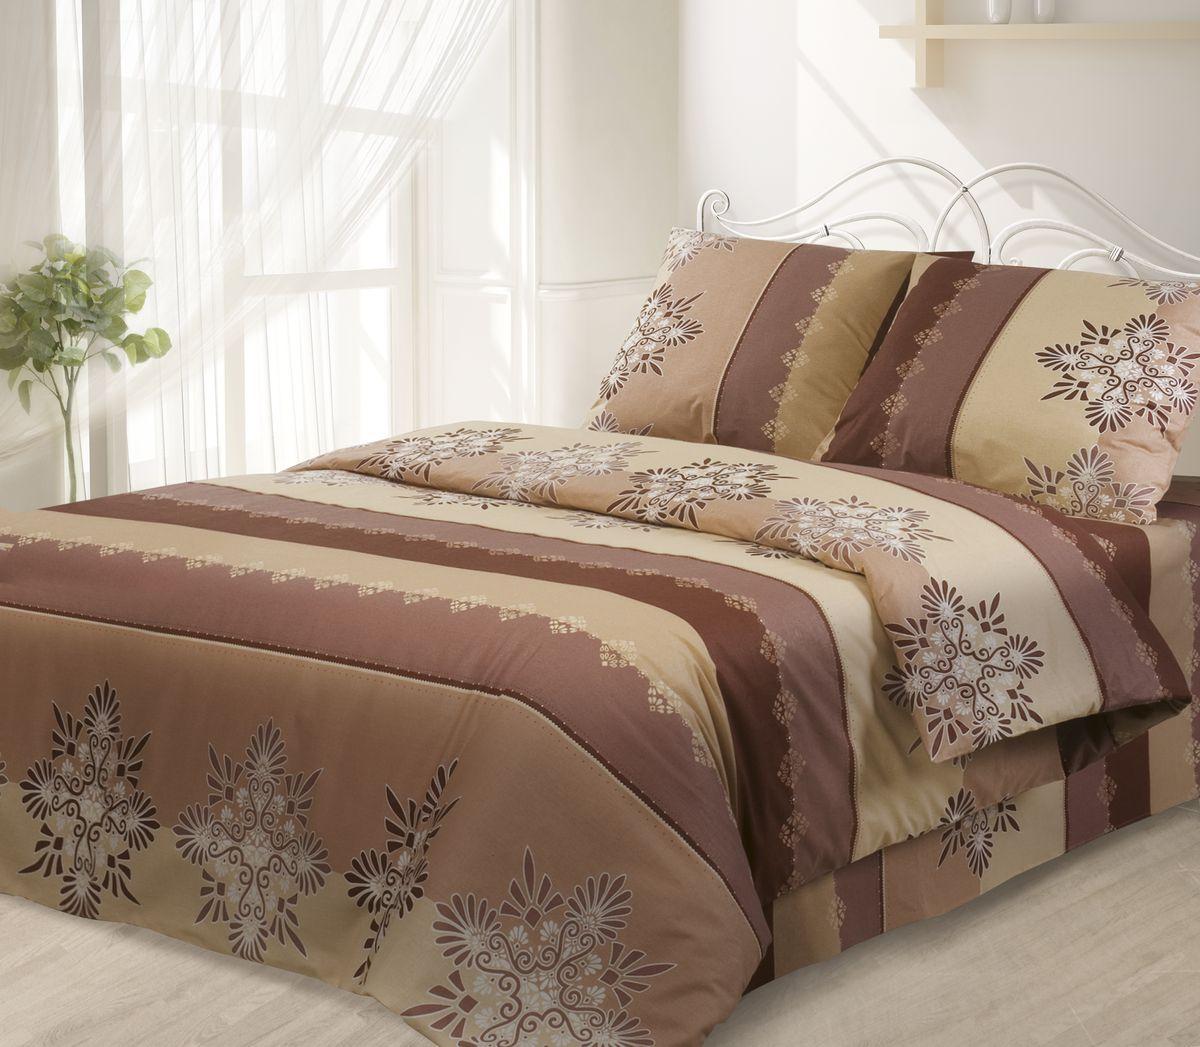 Комплект белья Гармония, 1,5-спальный, наволочки 50х70, цвет: коричневыйS03301004Комплект постельного белья Гармония является экологически безопасным, так как выполнен из поплина (100% хлопка). Комплект состоит из пододеяльника, простыни и двух наволочек. Постельное белье оформлено красивым орнаментом и имеет изысканный внешний вид. Постельное белье Гармония - лучший выбор для современной хозяйки! Его отличают демократичная цена и отличное качество. Поплин мягкий и приятный на ощупь. Кроме того, эта ткань не требует особого ухода, легко стирается и прекрасно держит форму. Высококачественные красители, которые используются при производстве постельного белья, сохраняют свой цвет даже после многочисленных стирок.